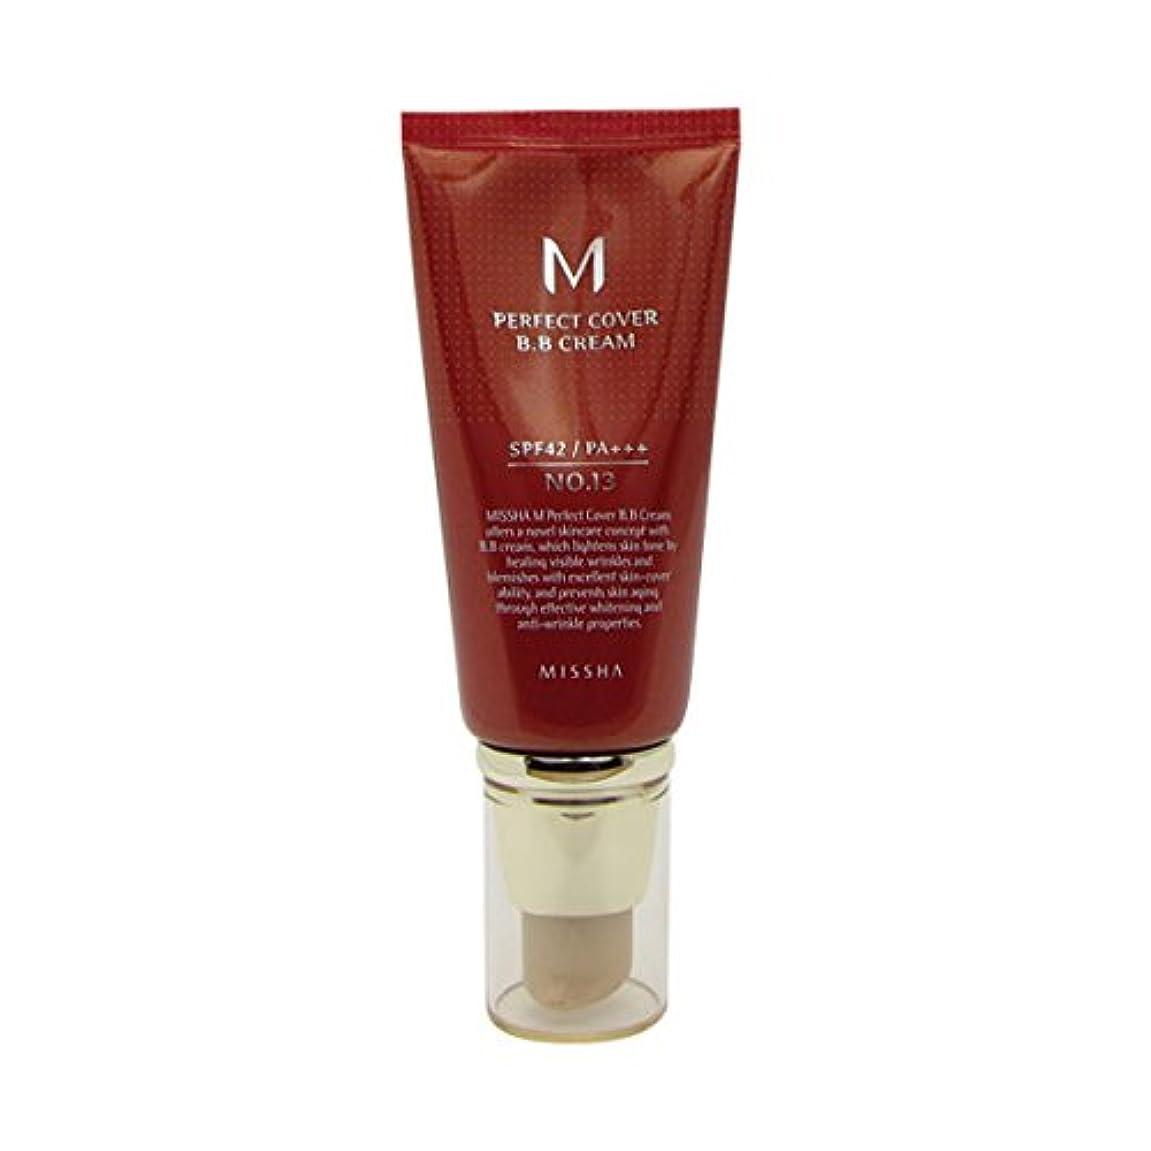 批判的に十分な免疫Missha M Perfect Cover Bb Cream Spf42/pa+++ No.13 Bright Beige 50ml [並行輸入品]